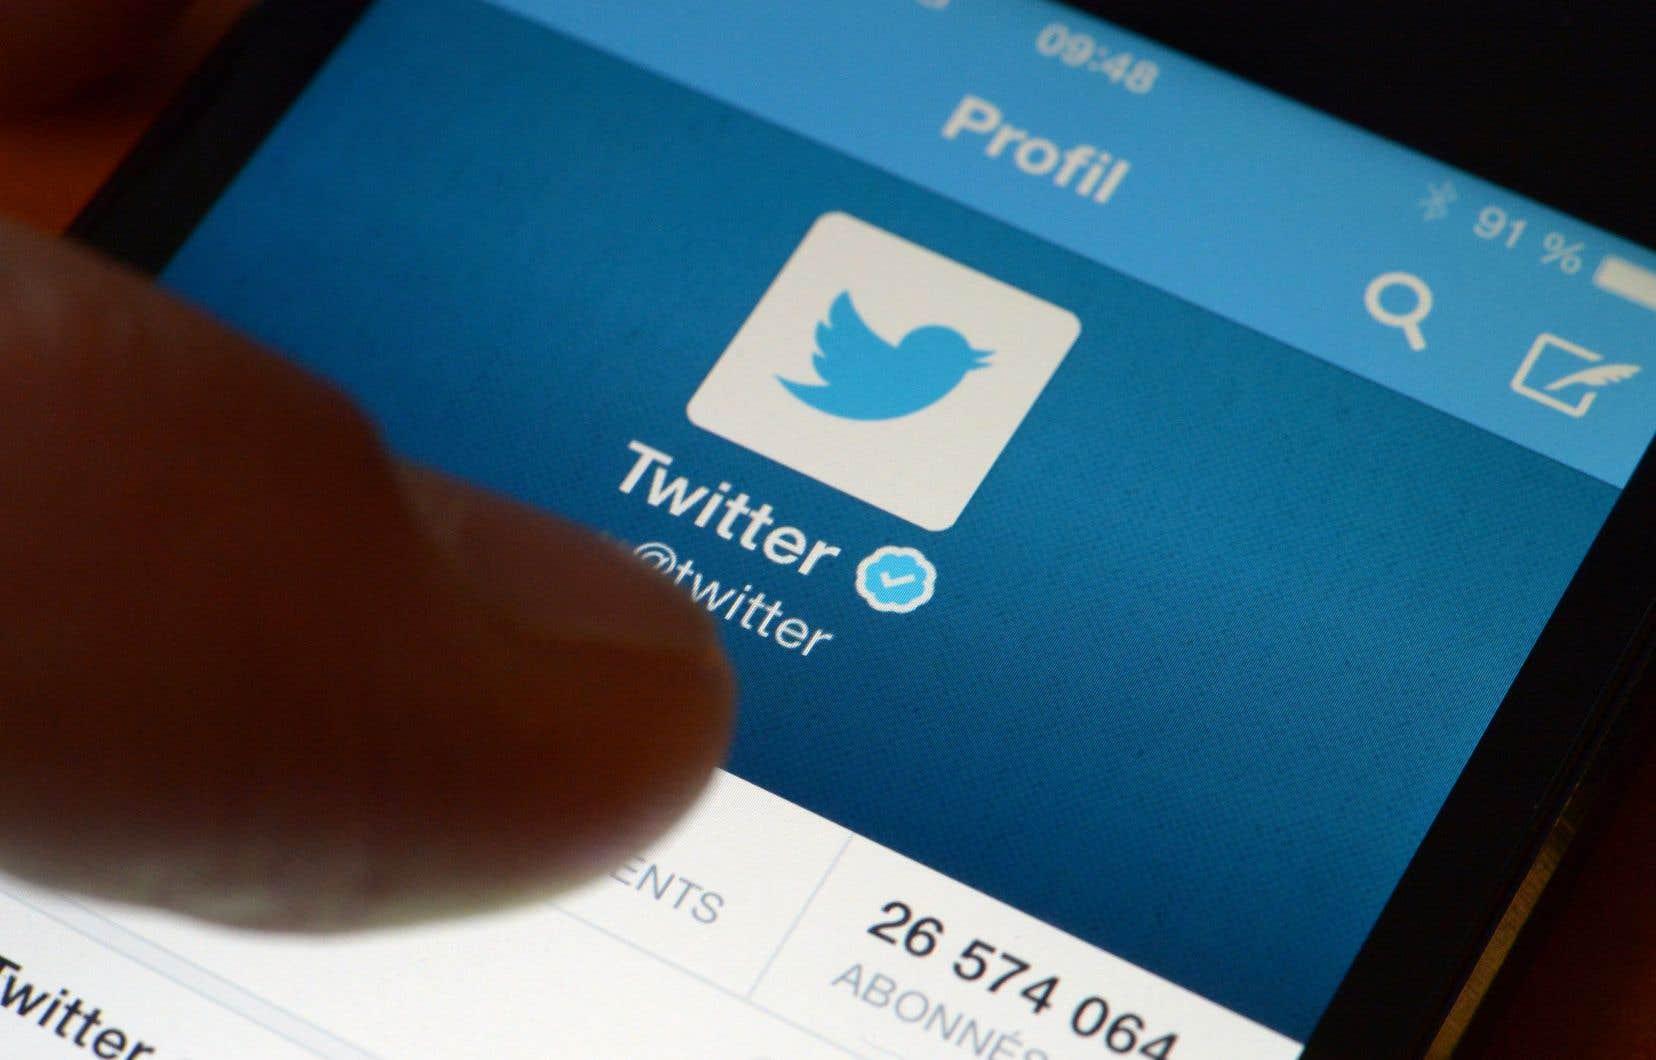 Des bénévoles d'Aministie internationale ont analysé un échantillon de 228000 tweets envoyés en 2017 à 778 femmes, toutes journalistes ou en politique au Royaume-Uni et aux États-Unis.